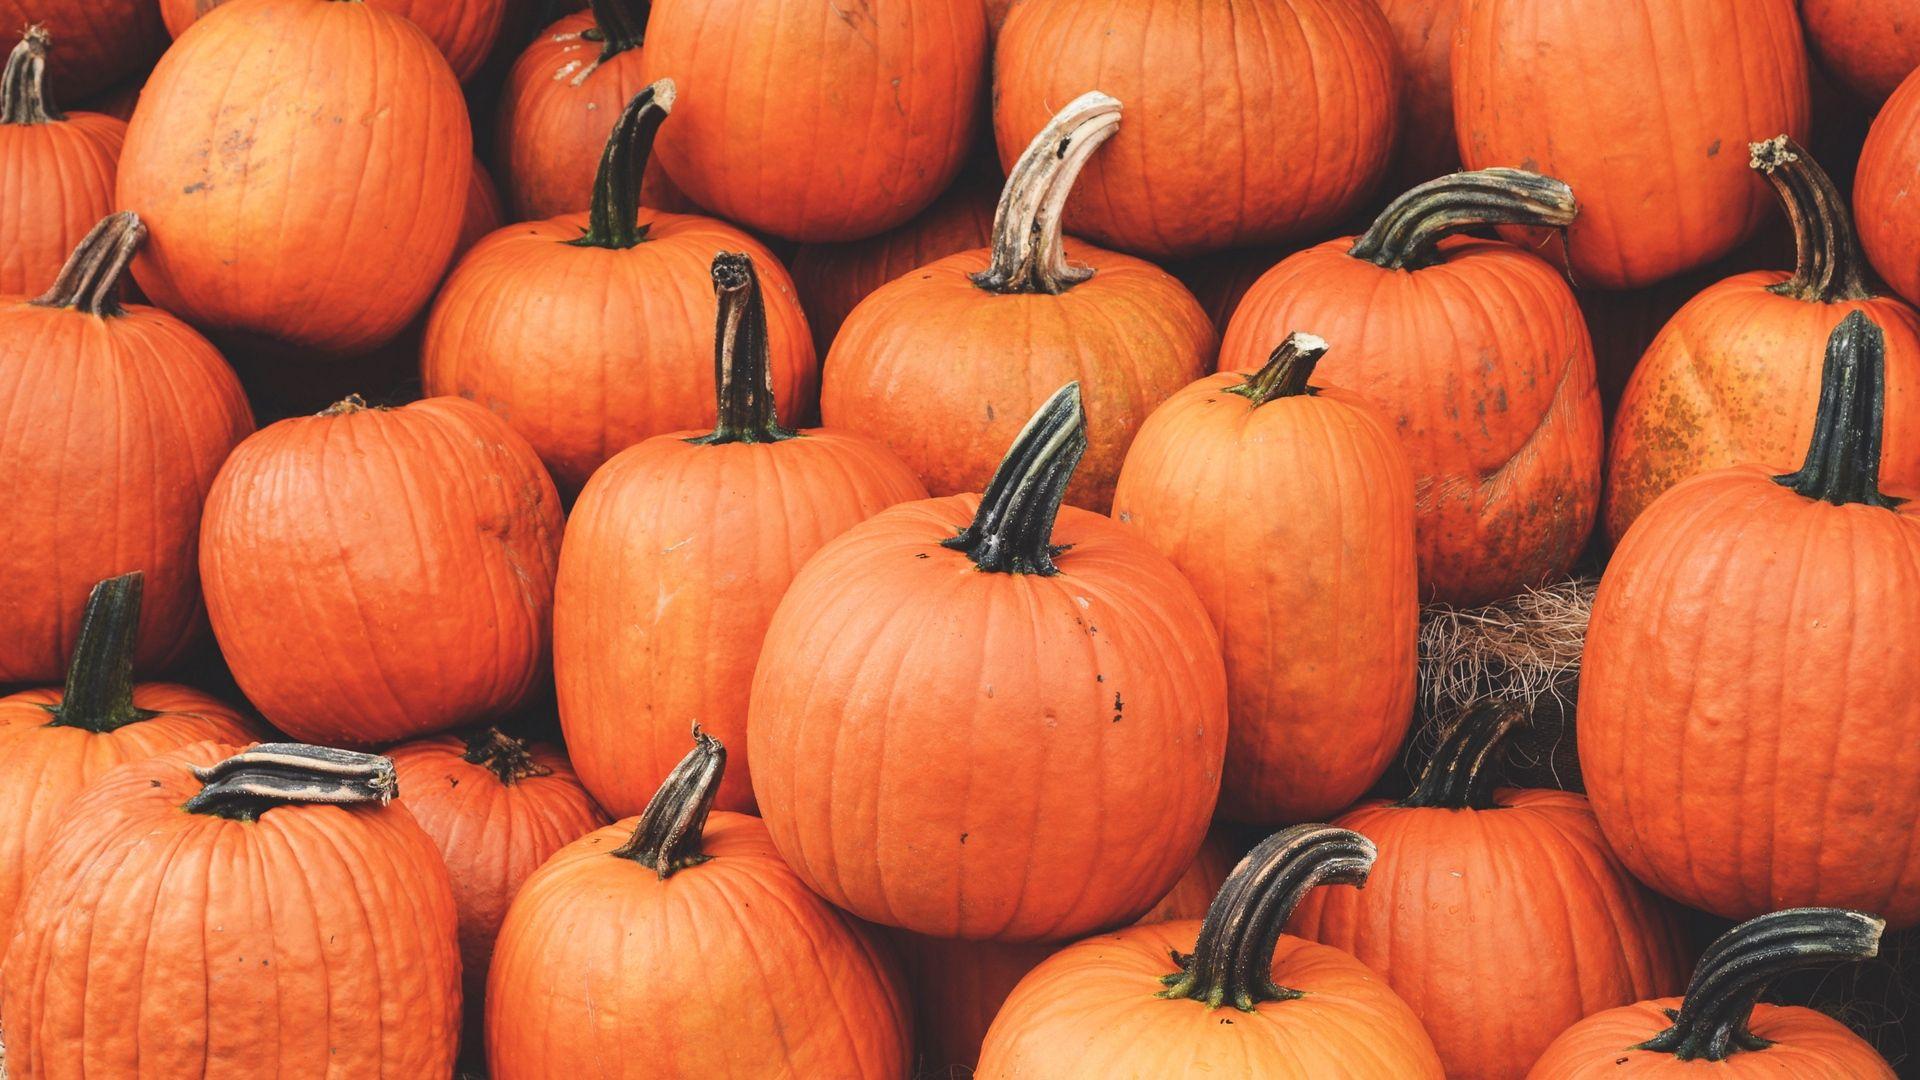 1920x1080 Wallpaper Pumpkin Harvest Autumn Ripe October Ernte Desktop Hintergrund Herbst